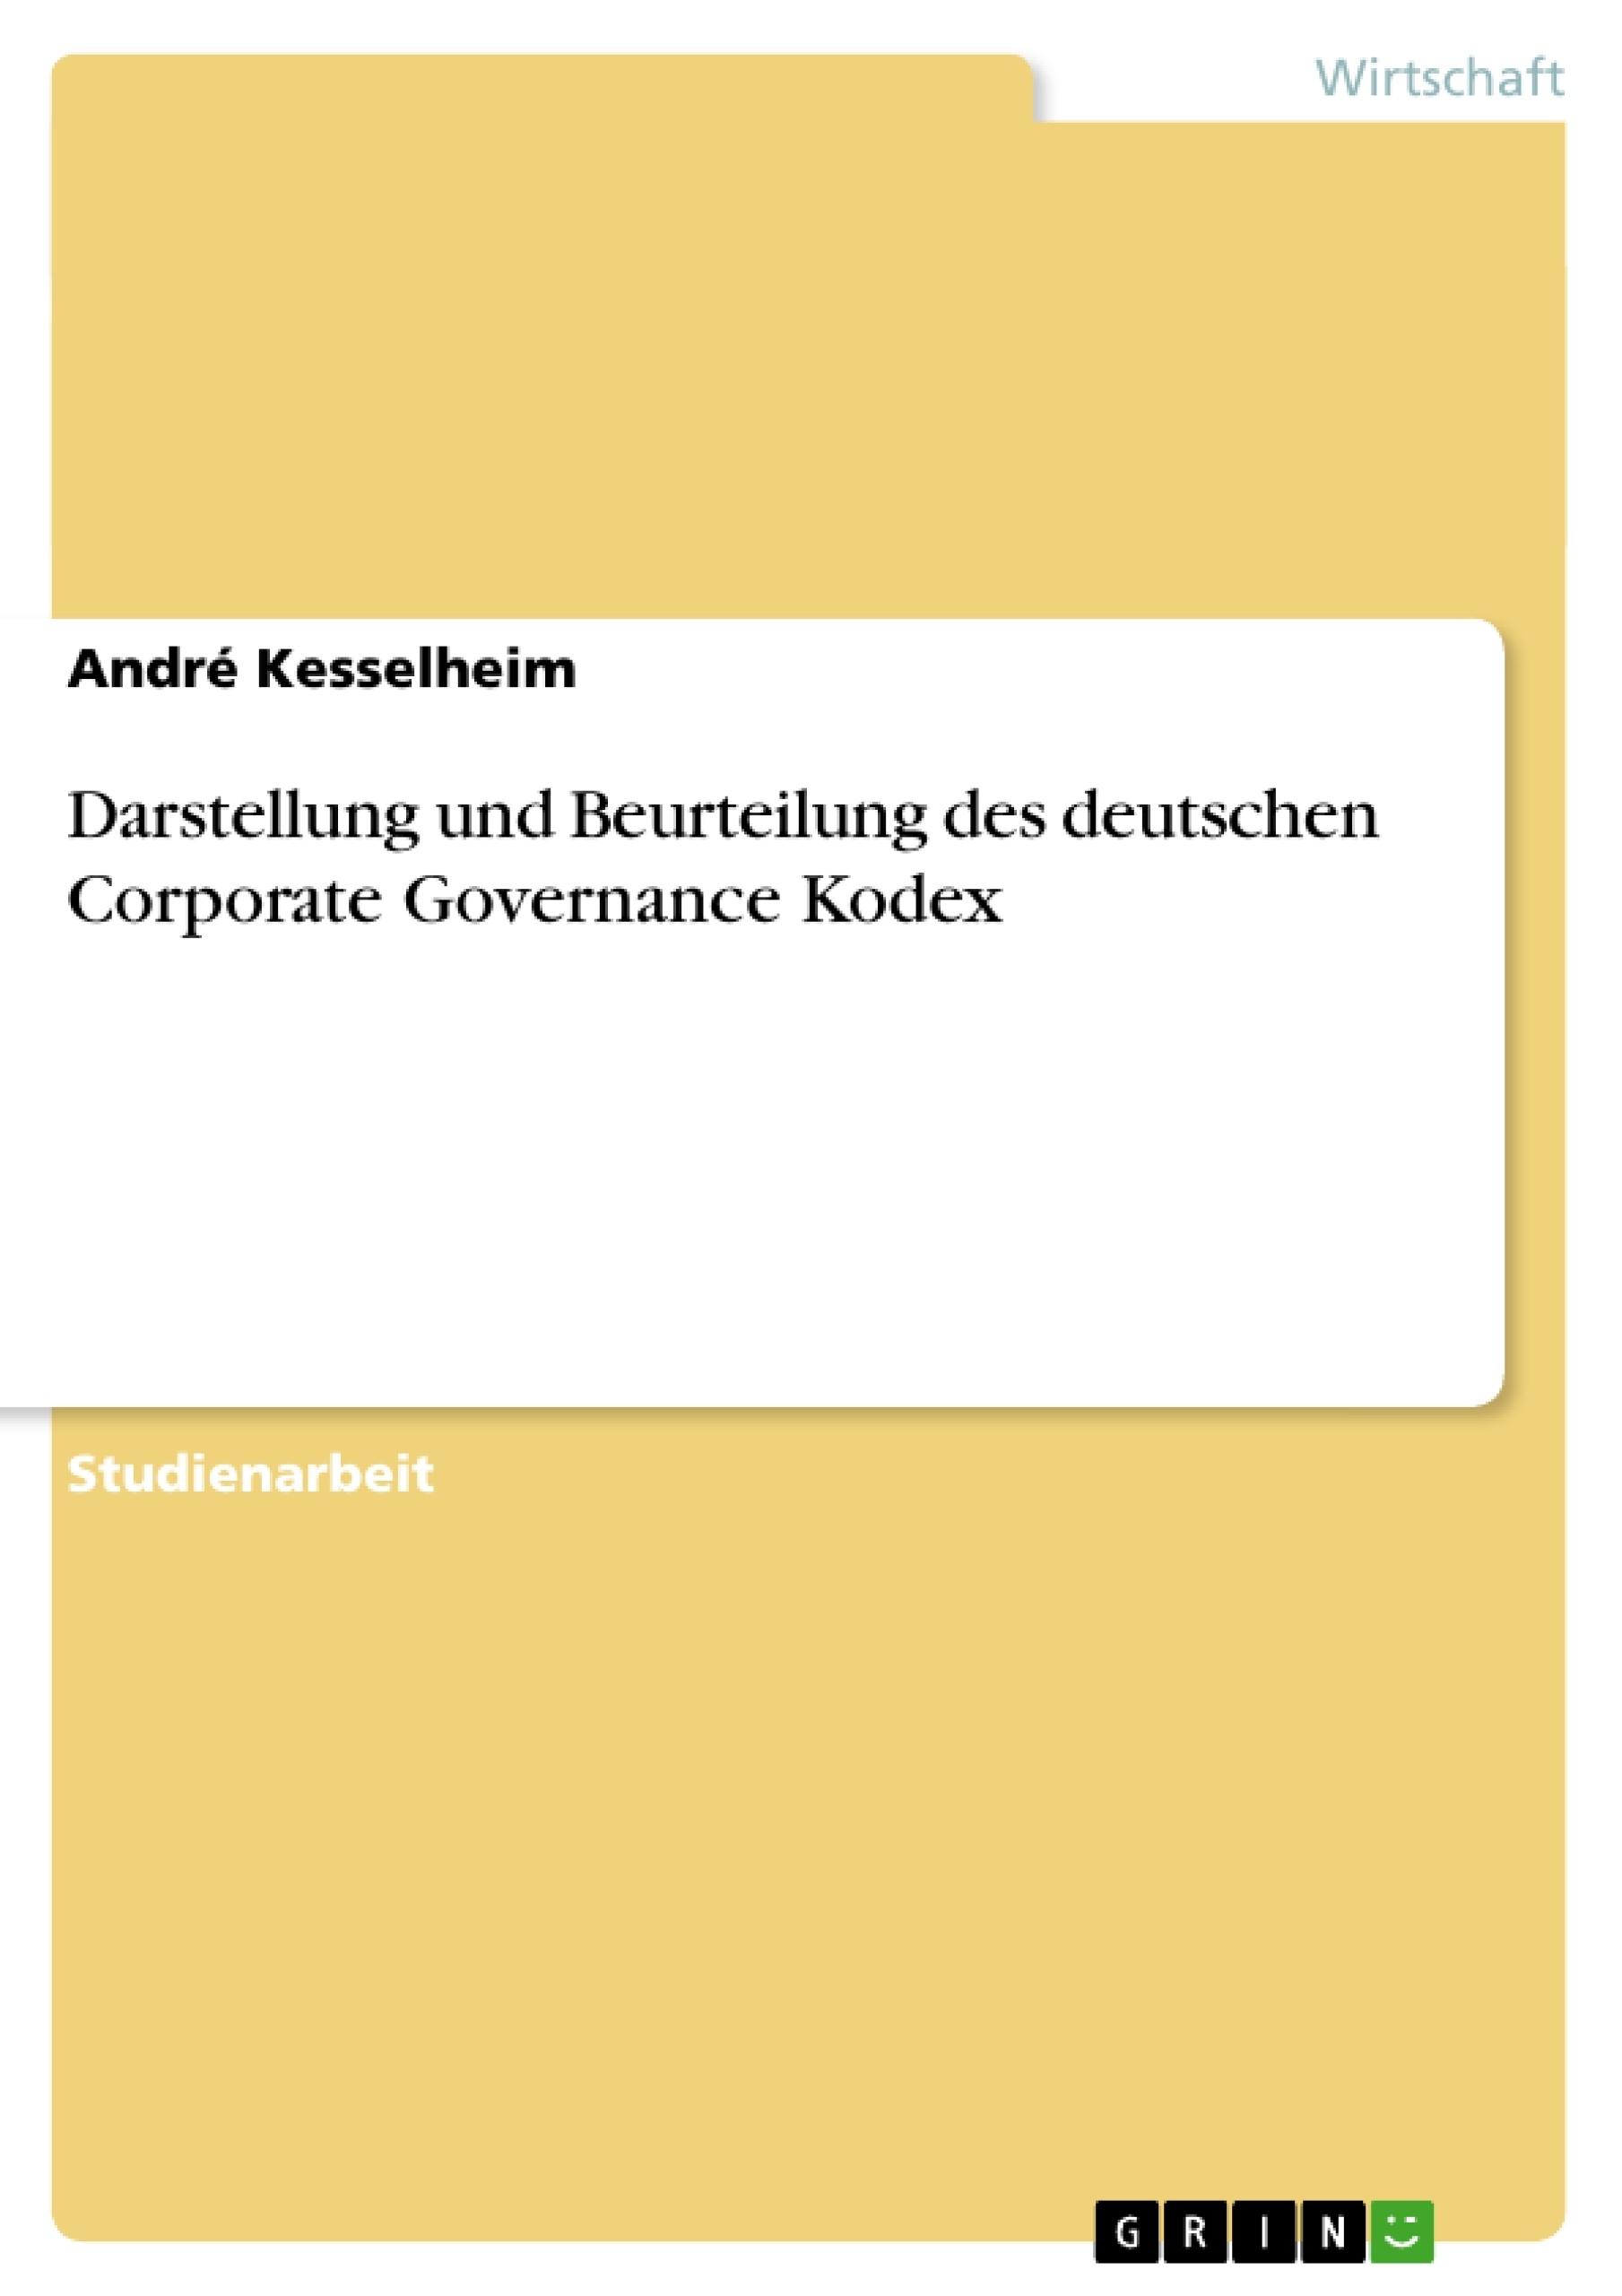 Titel: Darstellung und Beurteilung des deutschen Corporate Governance Kodex